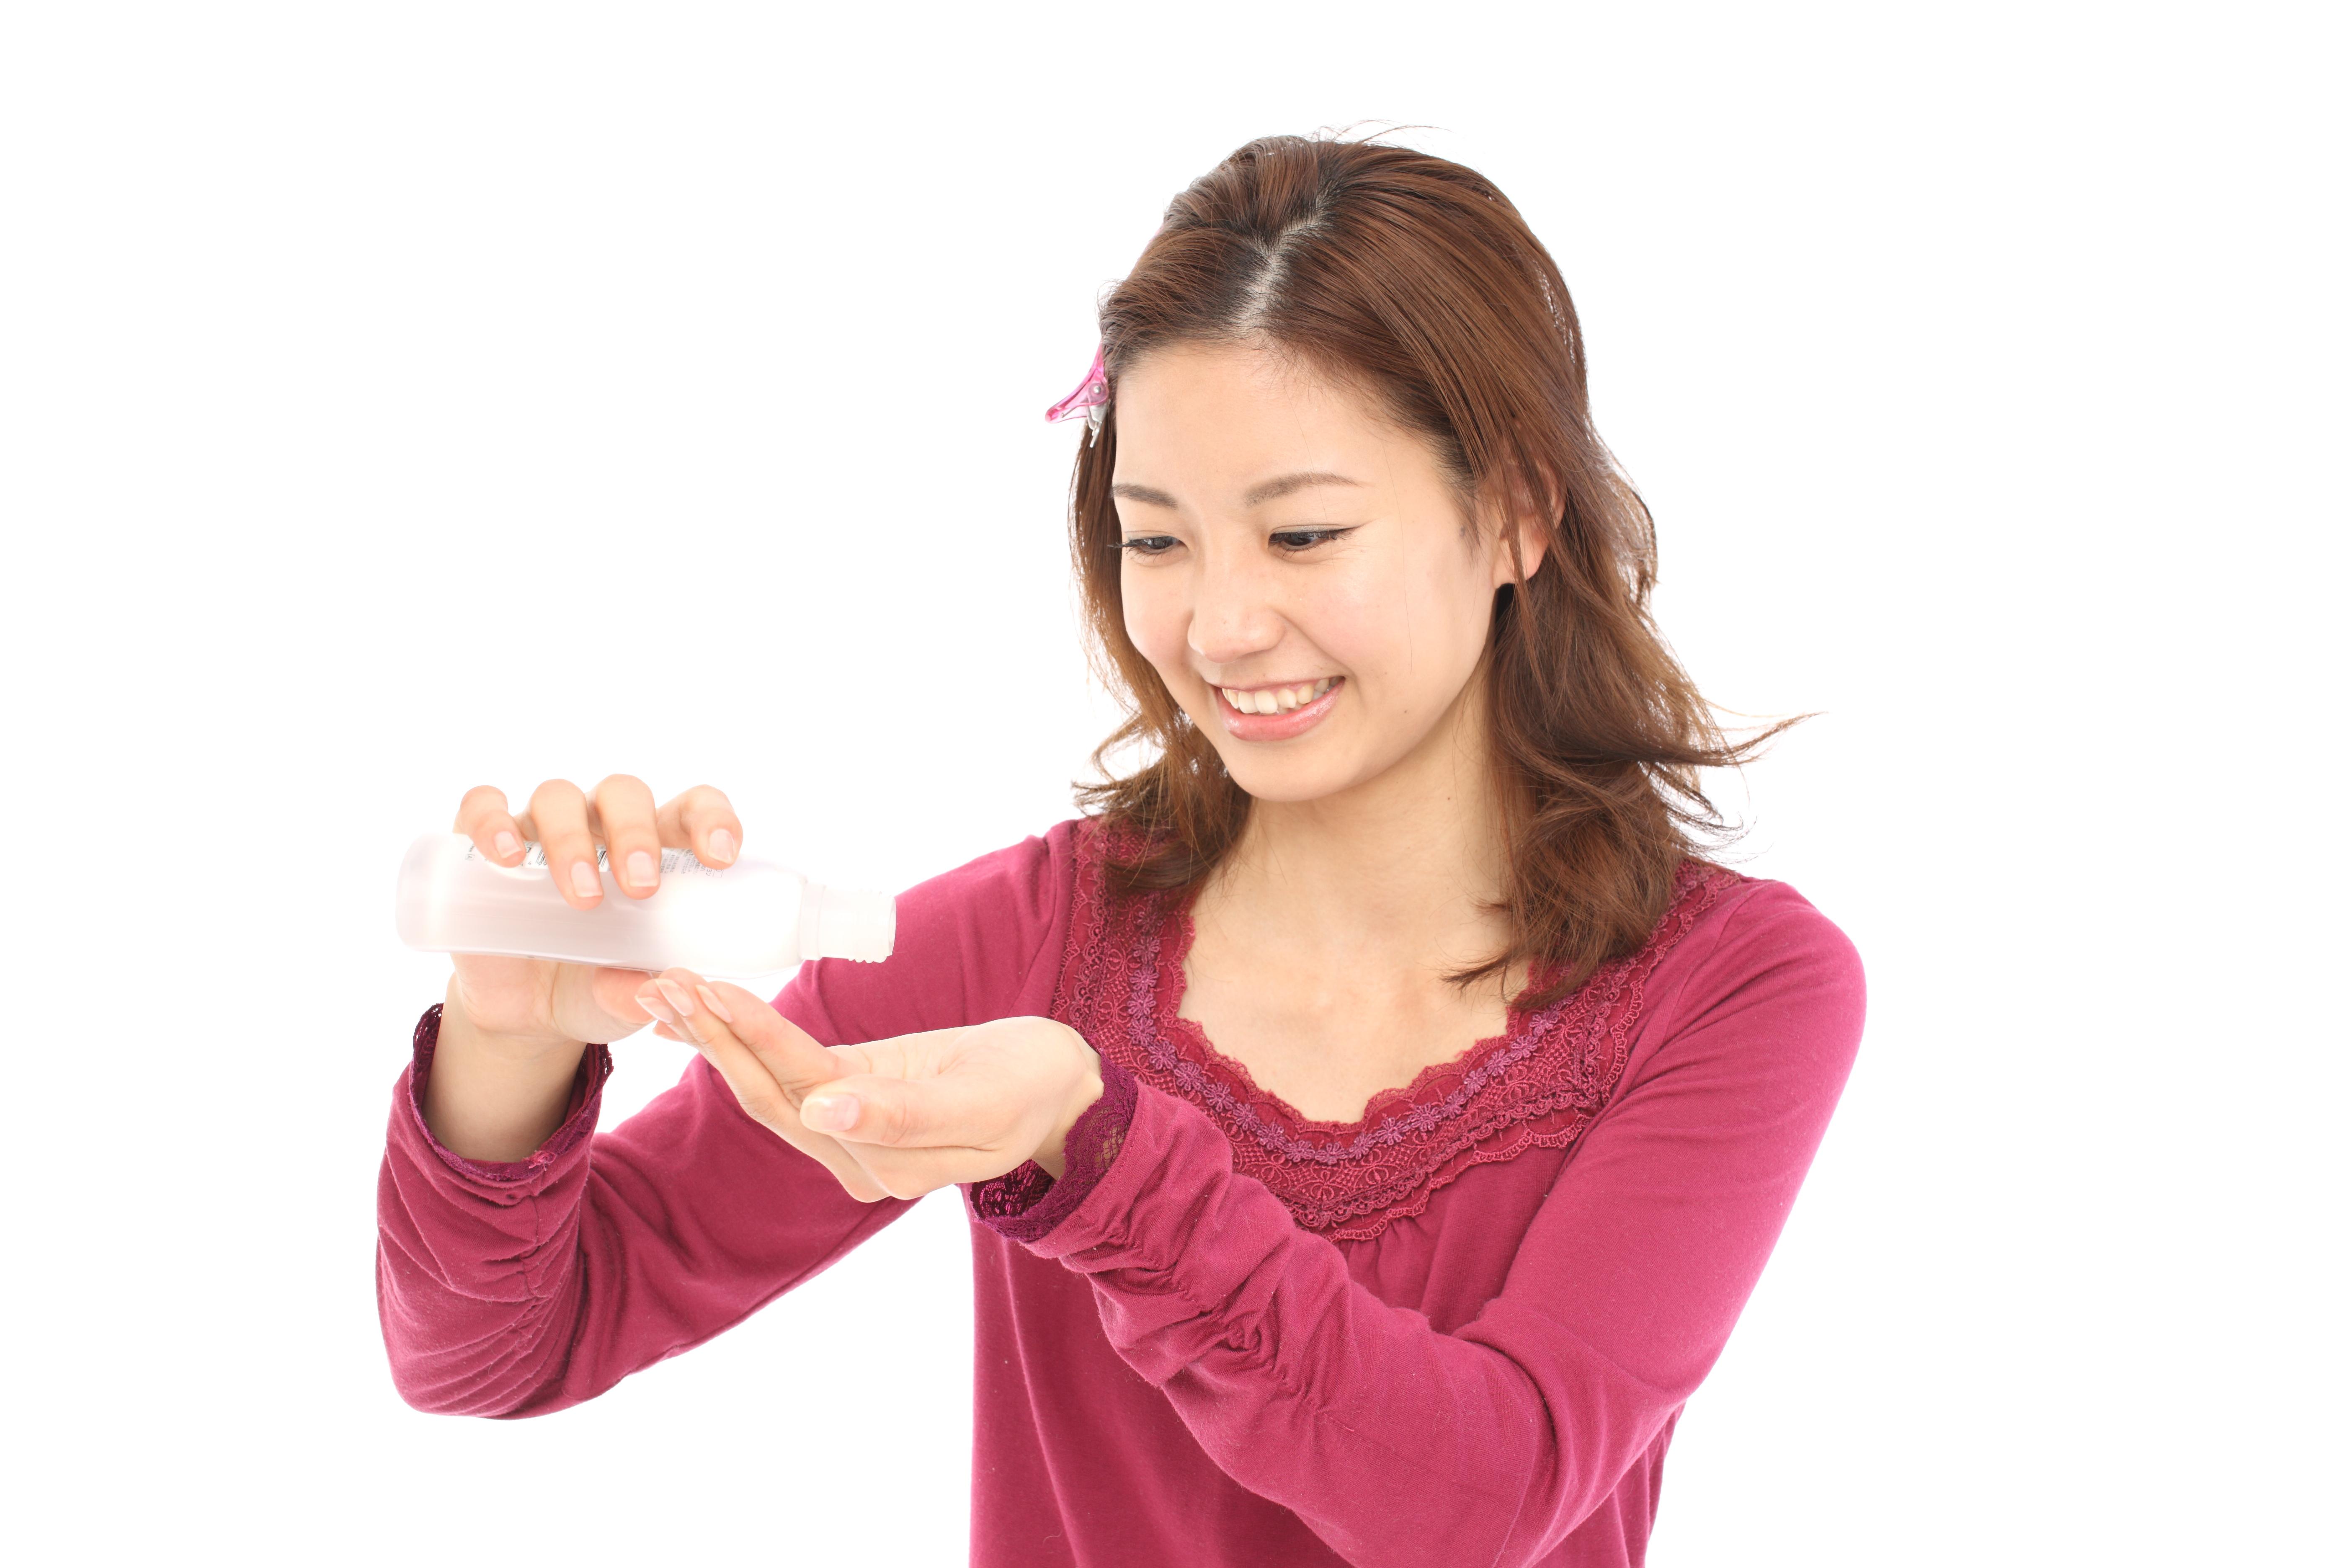 全部1000円以下!プチプラ化粧水のおすすめランキングを発表!のサムネイル画像